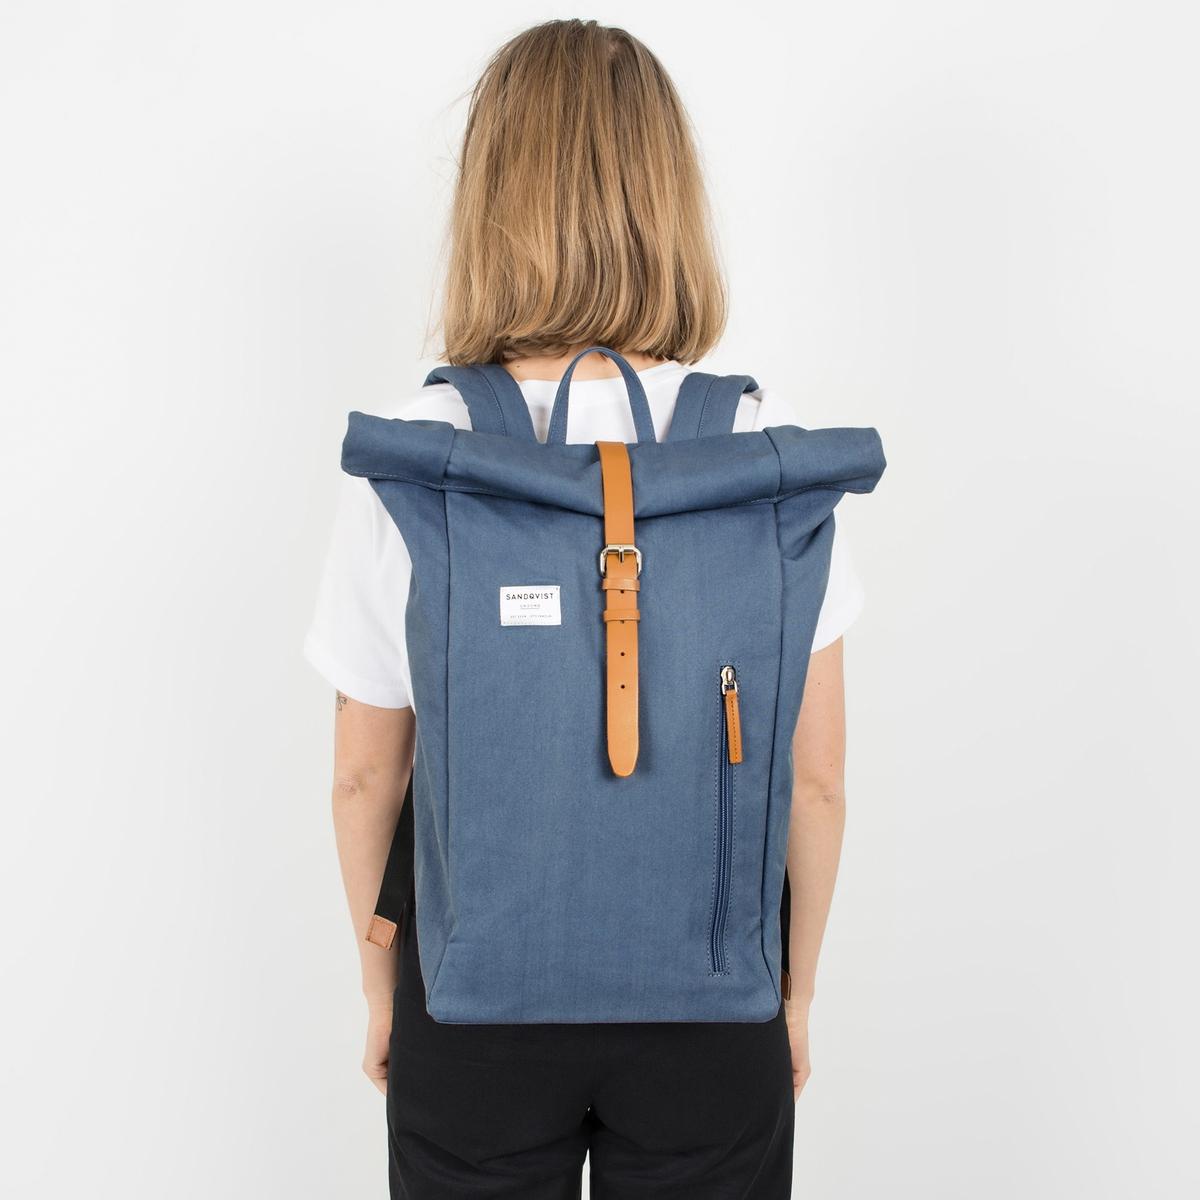 Рюкзак специально для ноутбука 15 дюймов, 18 л, DANTE